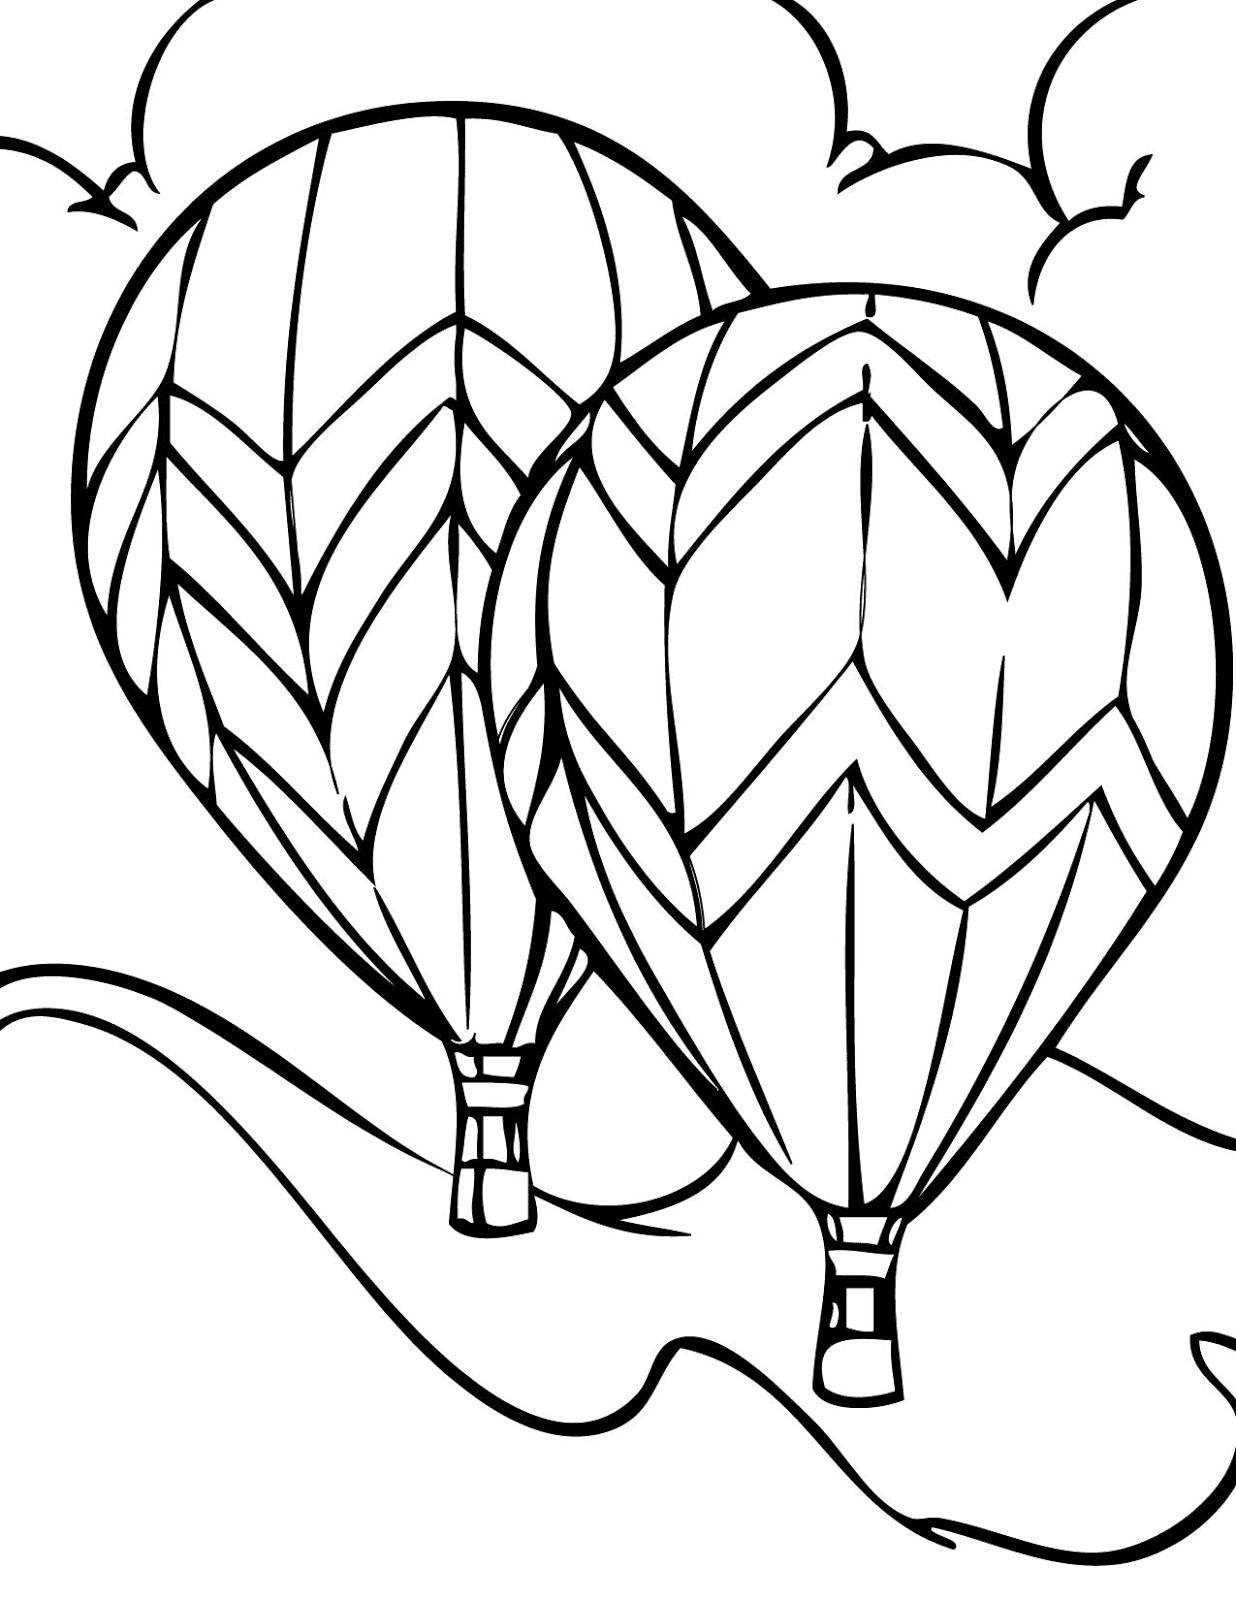 Gambar Mewarnai Balon Udara 8